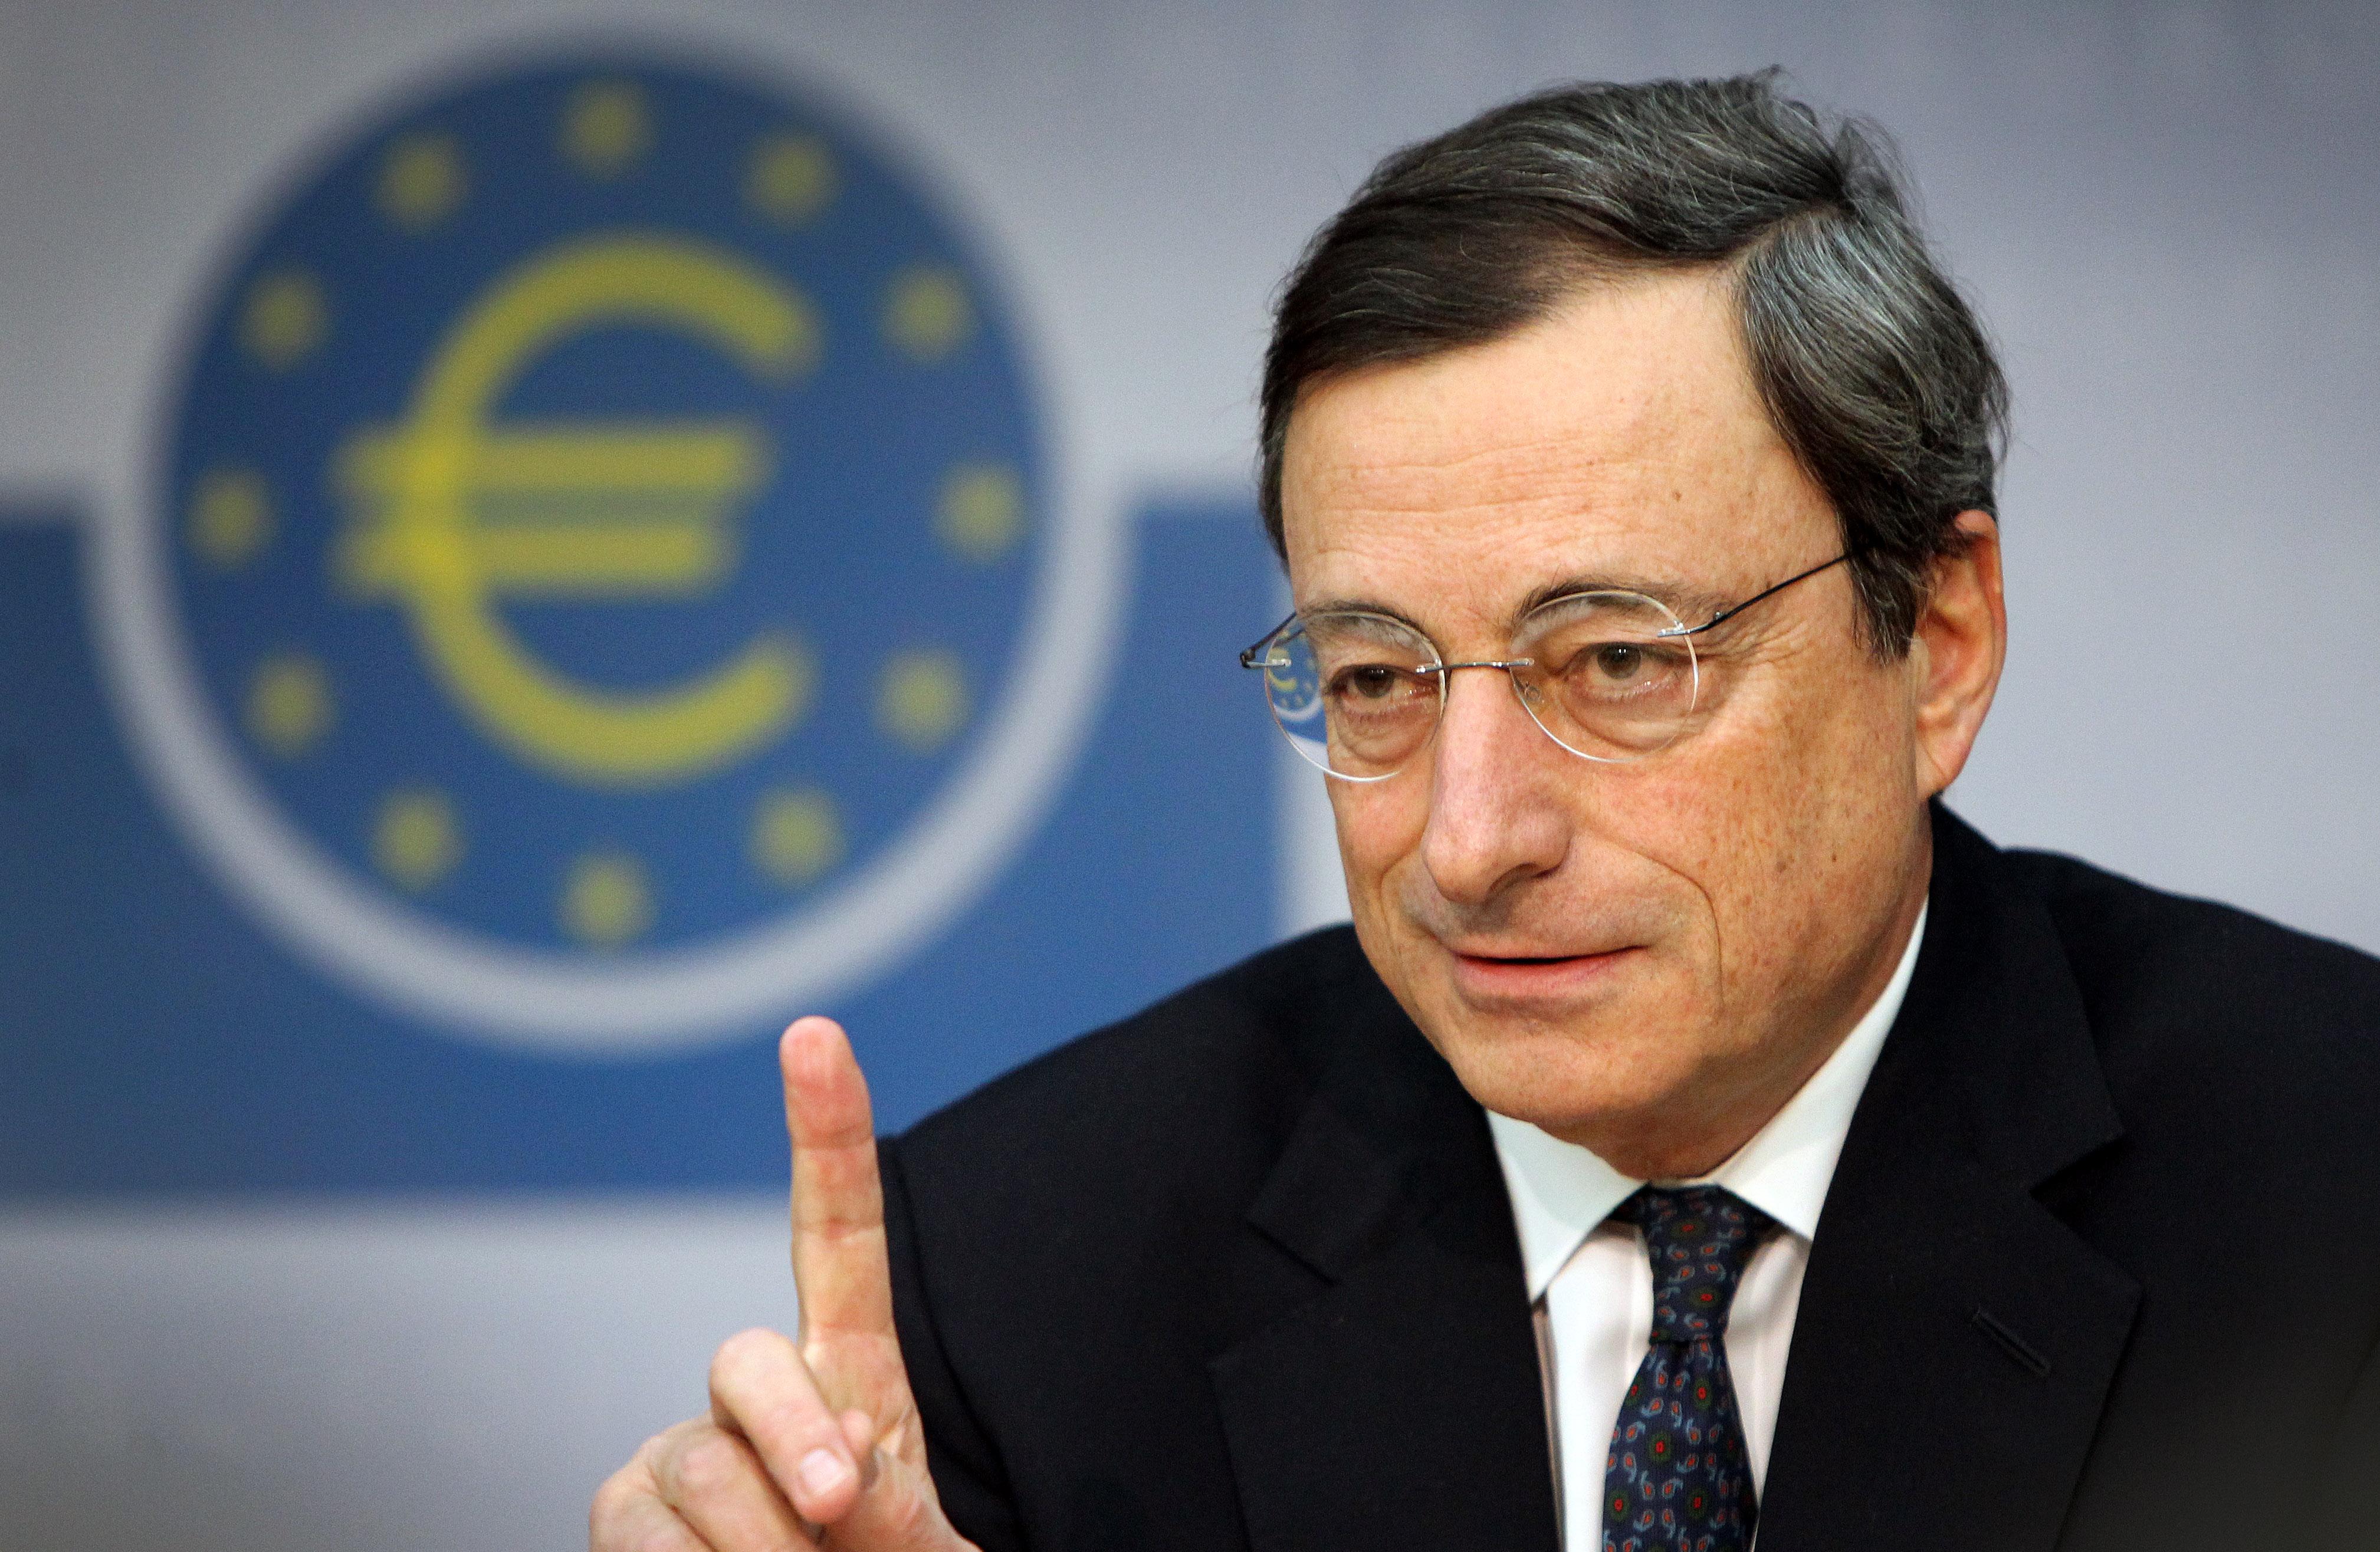 Preşedintele BCE recunoaşte că banii injectaţi în sistemul bancar nu ajung în economia reală